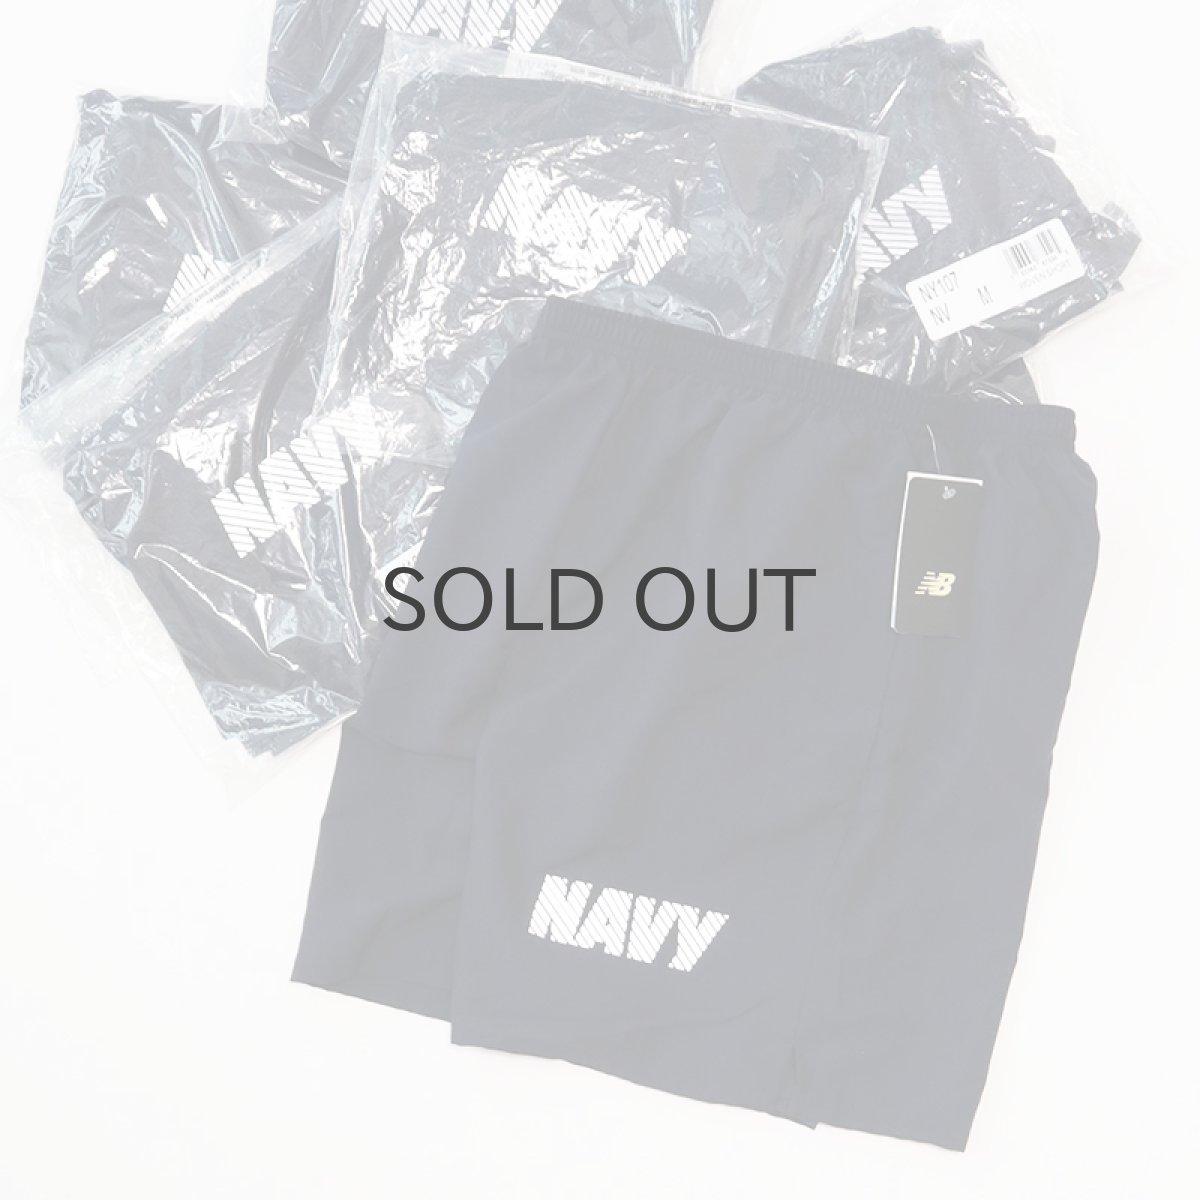 """画像1: US NAVY by New Balance POLYESTER GYM SHORTS """"DEADSTOCK""""【Size : M】 (1)"""